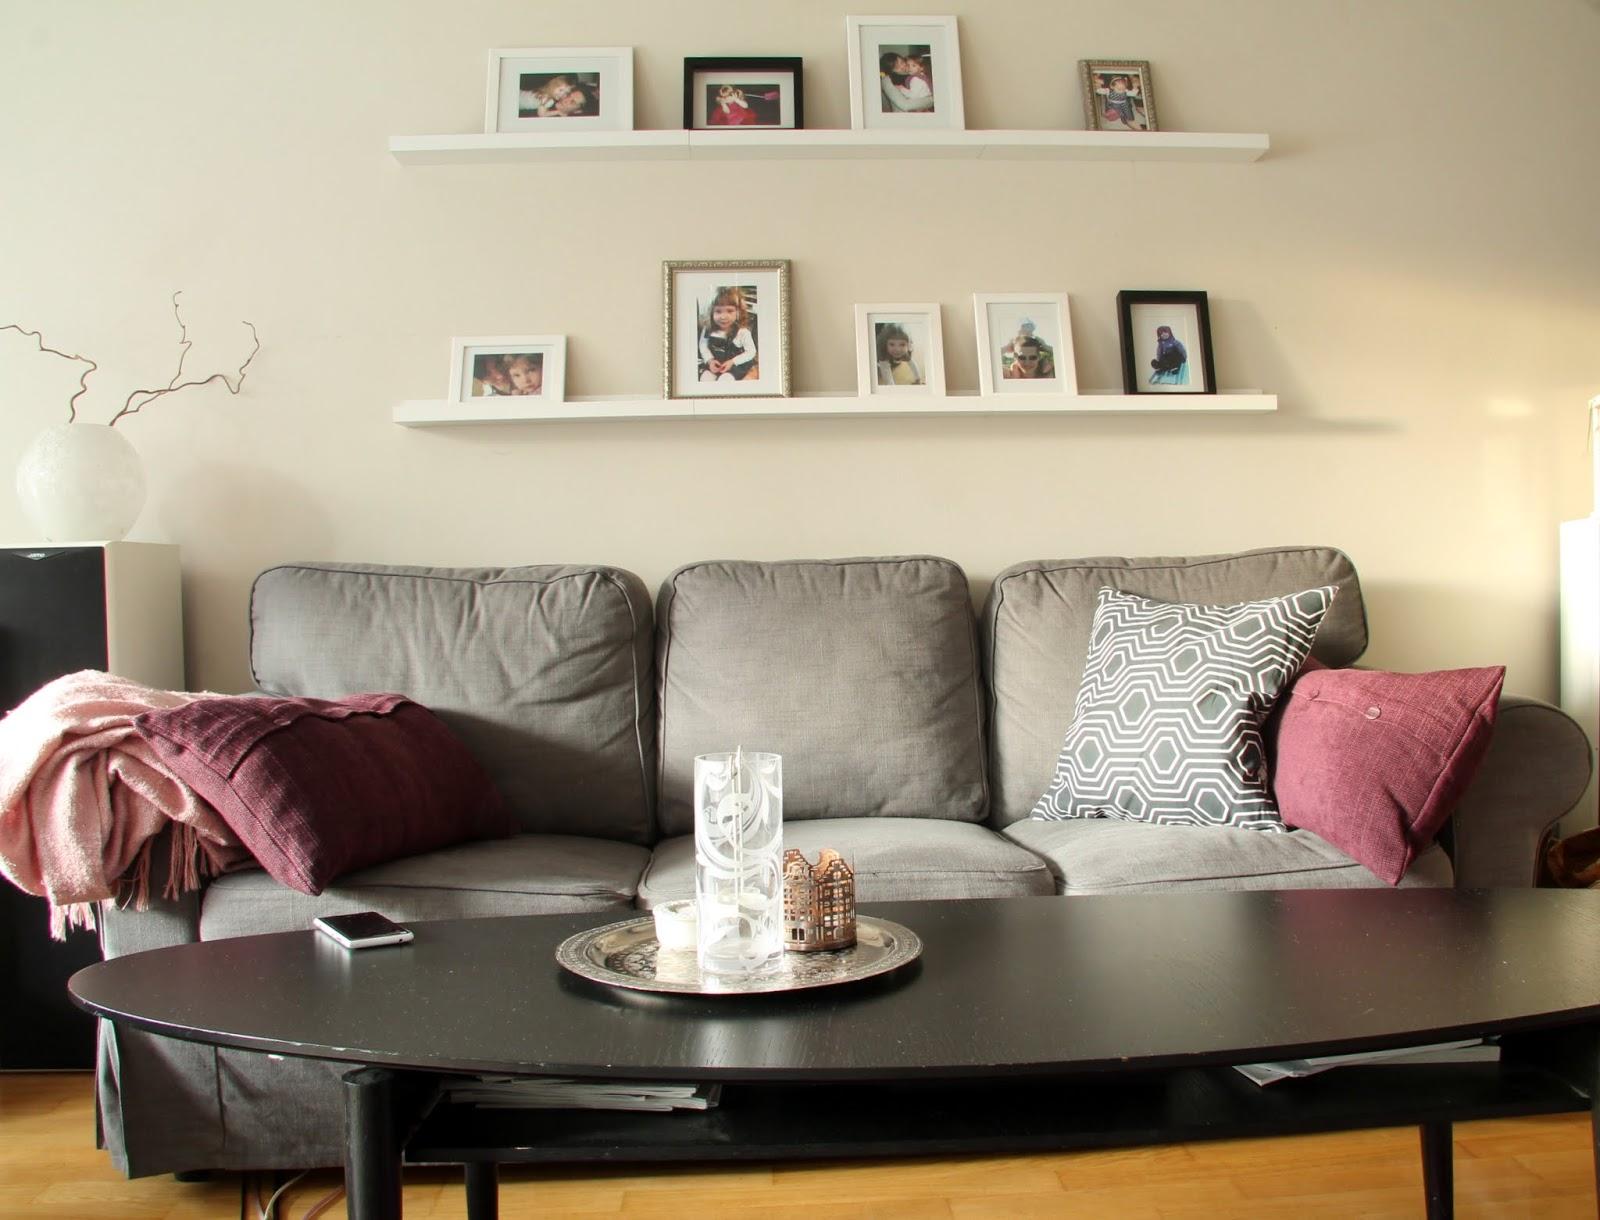 ikea ektorp sohva, tauluhylly, tauluseinä